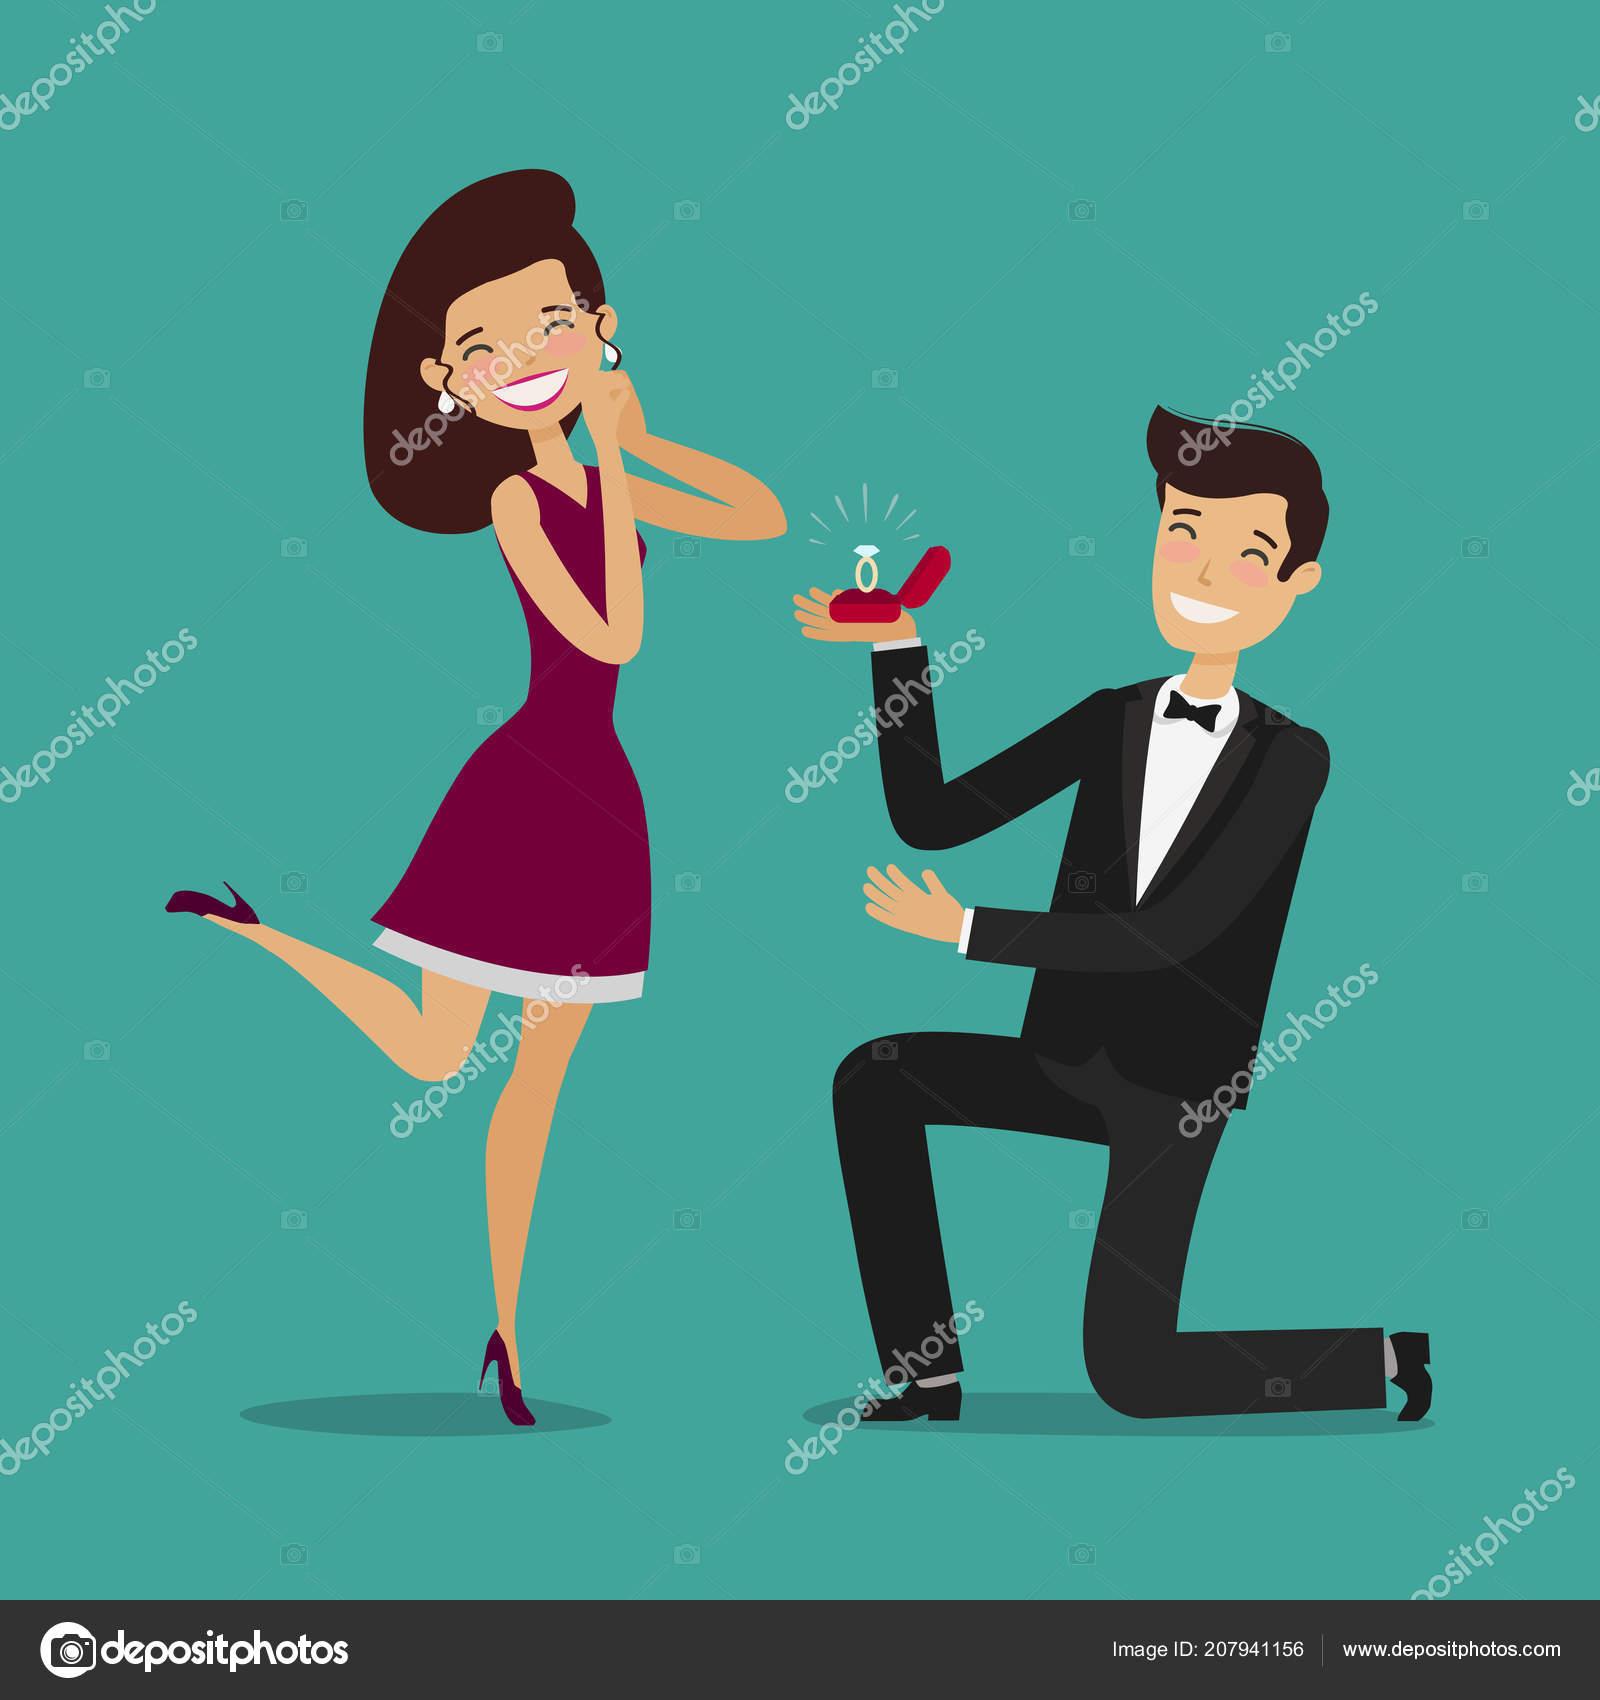 Oženit se seznamka